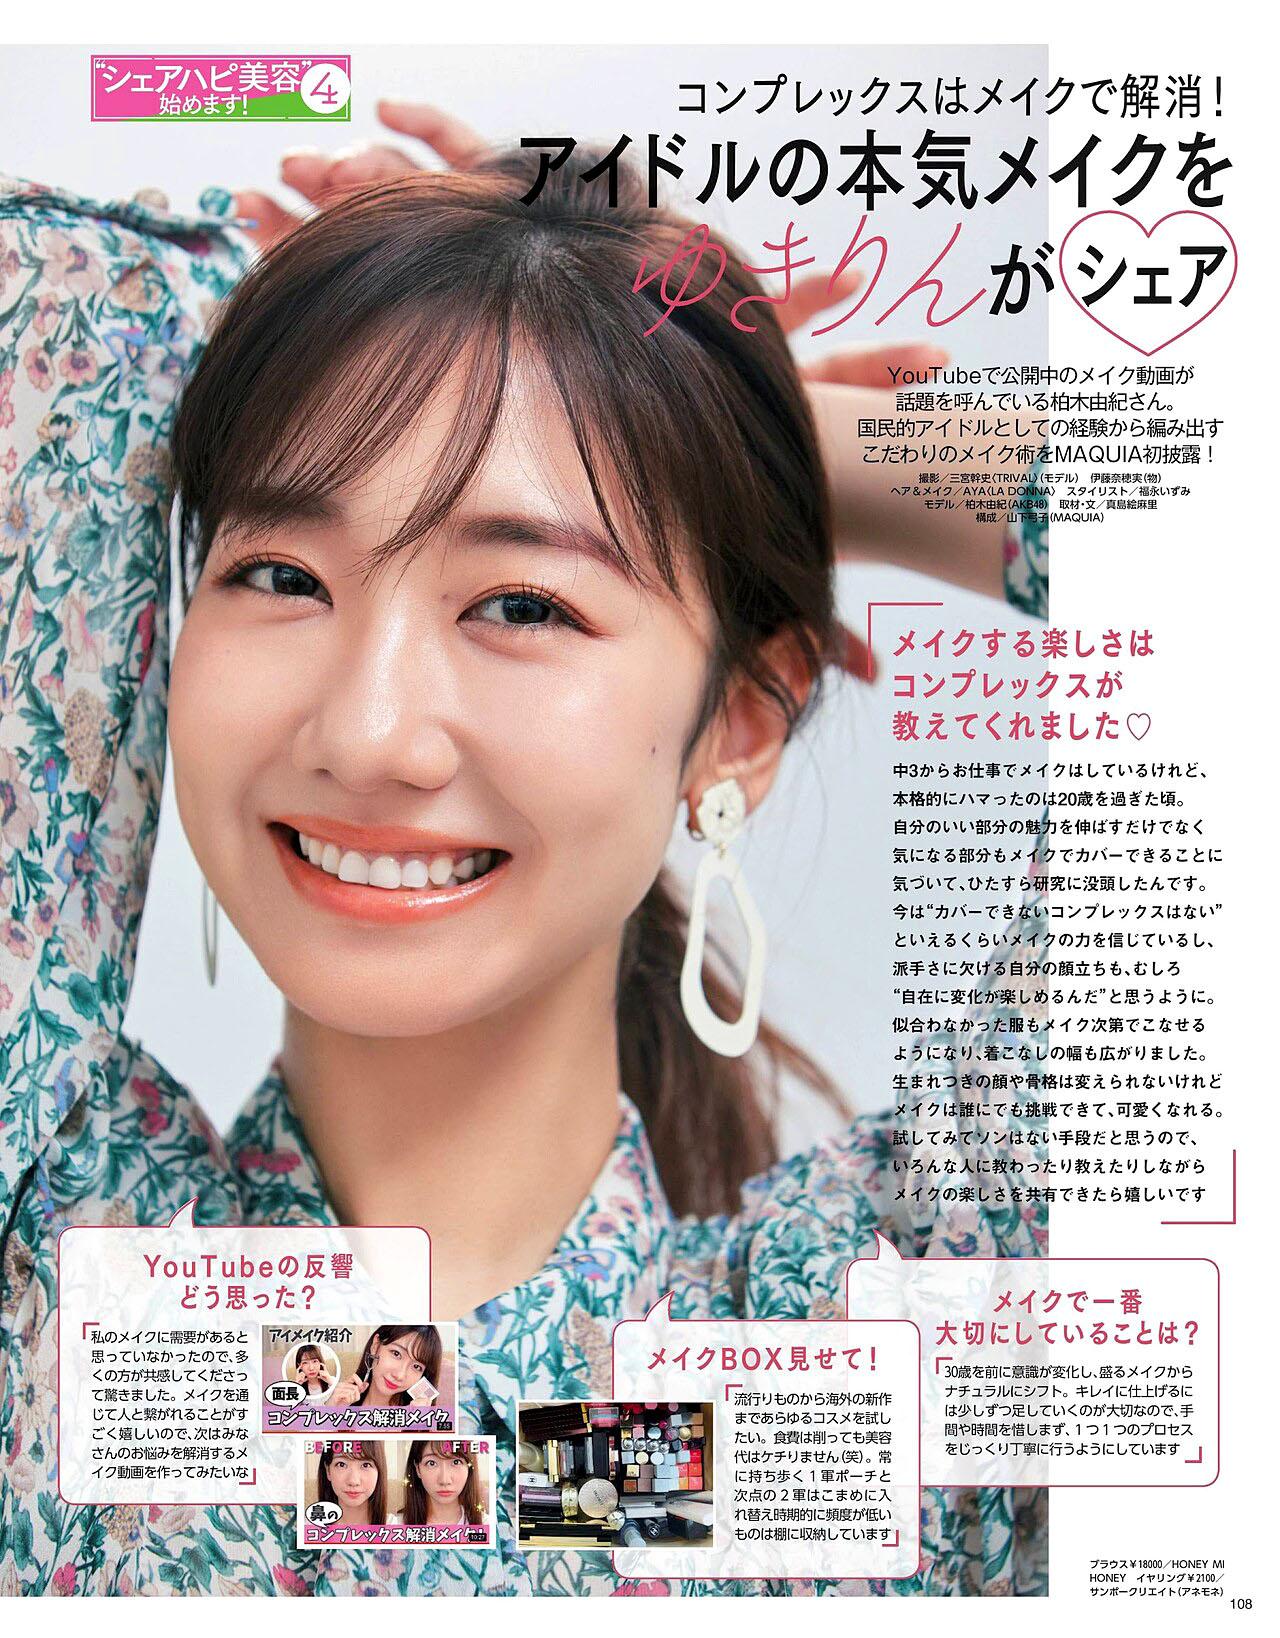 YKashiwagi Maquia 2103 01.jpg